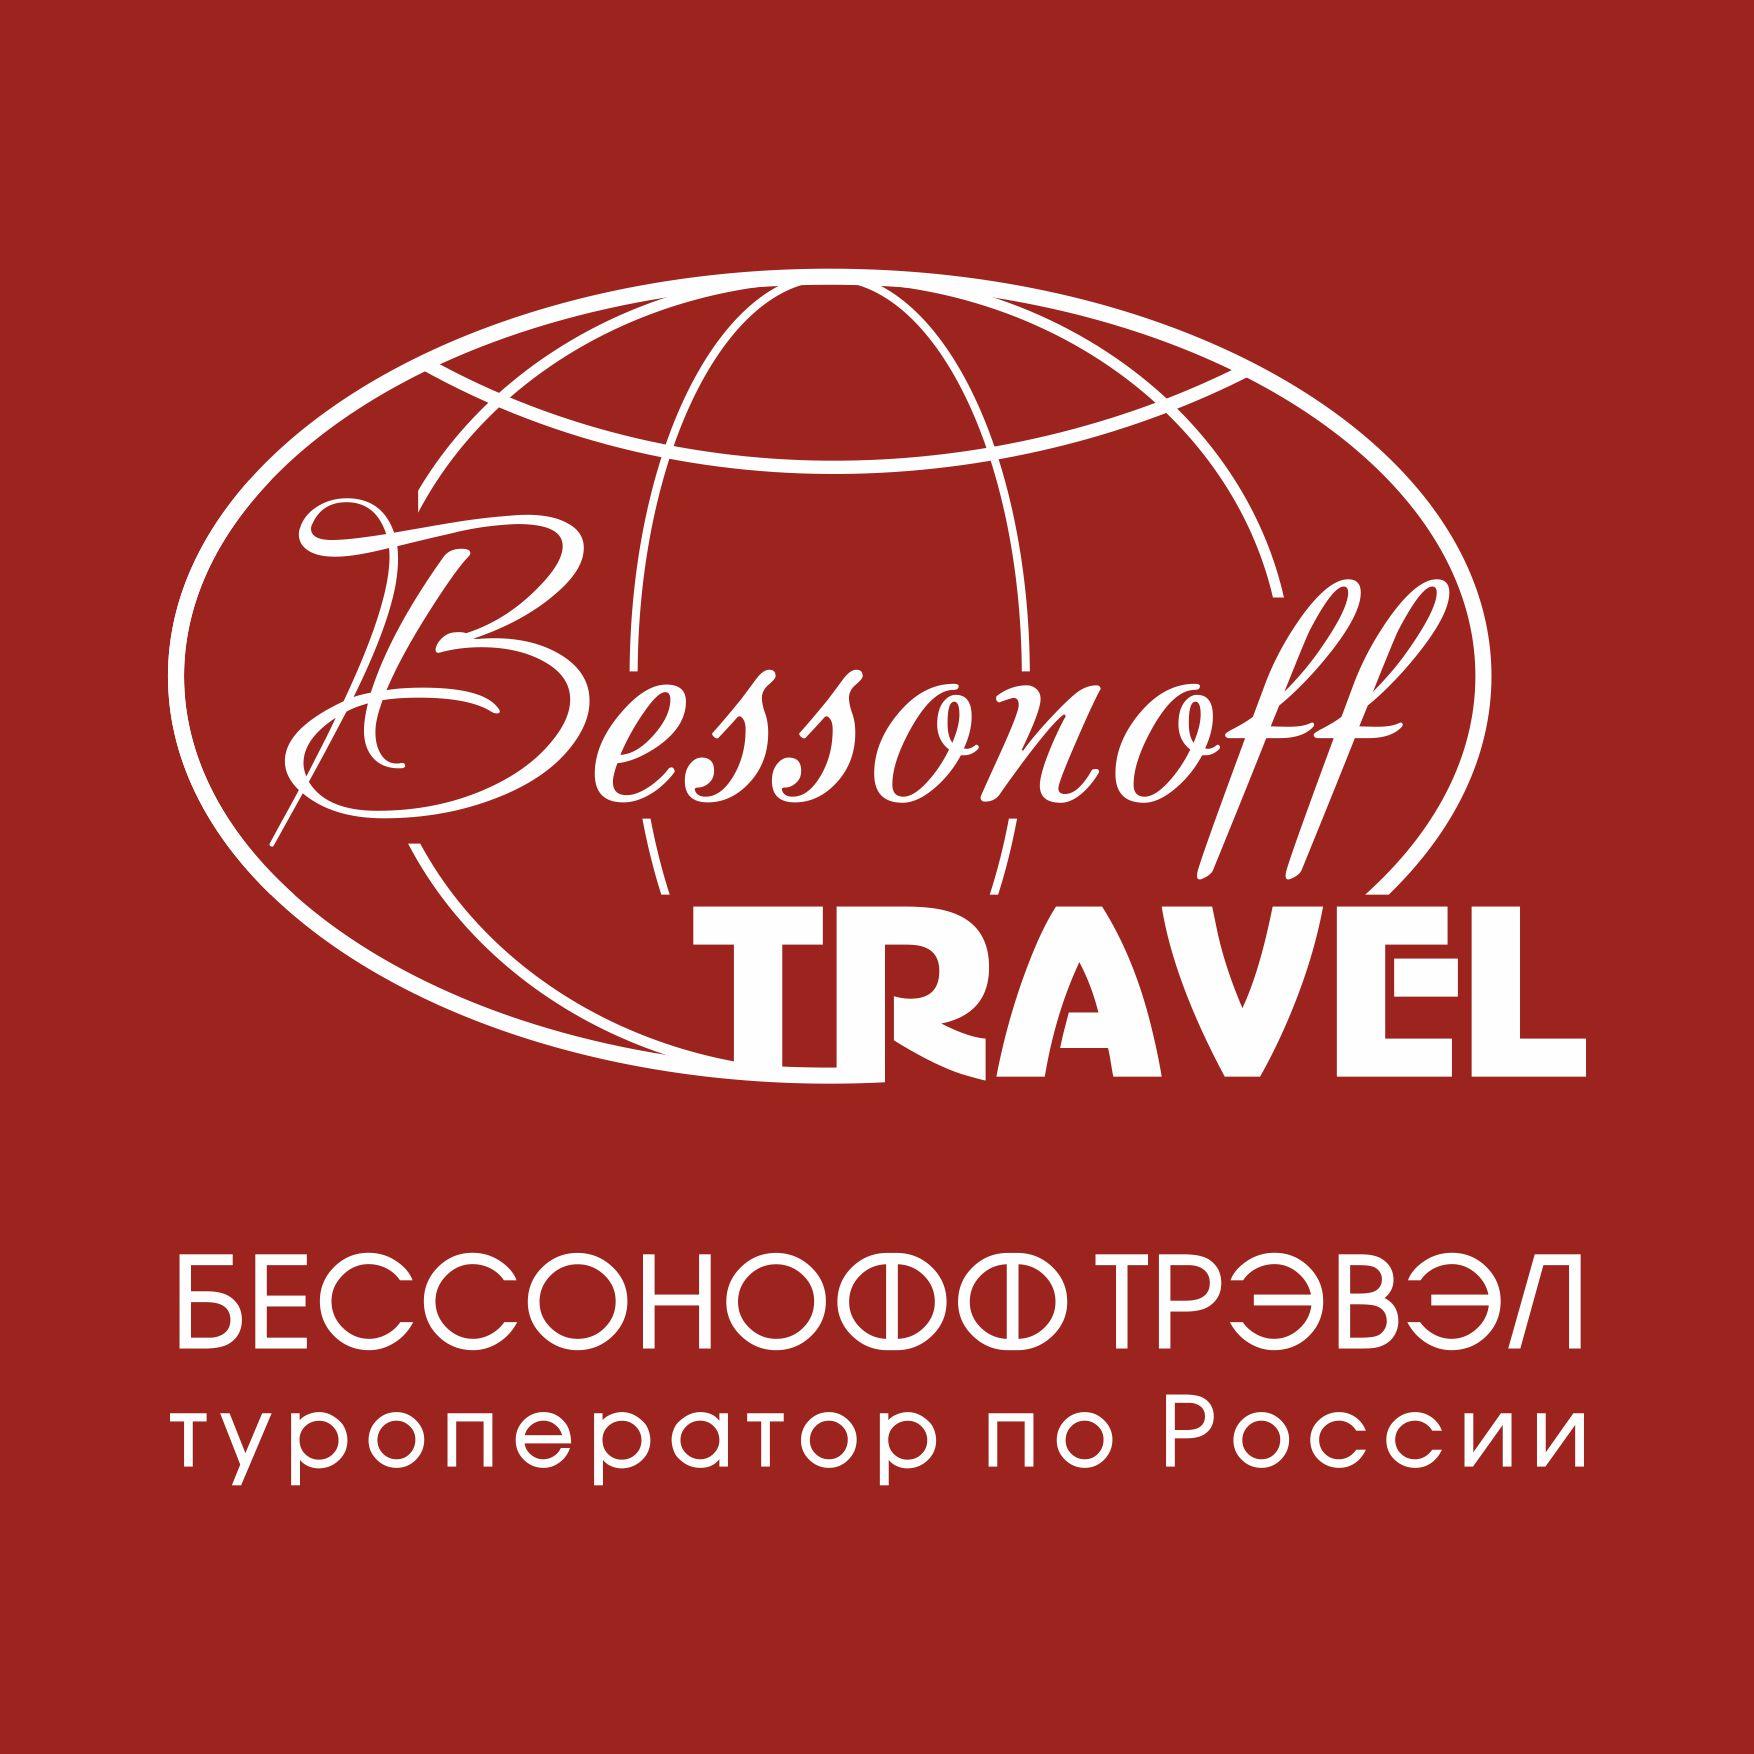 Лого Бессонофф Трэвэл 2015 на бордовом фоне